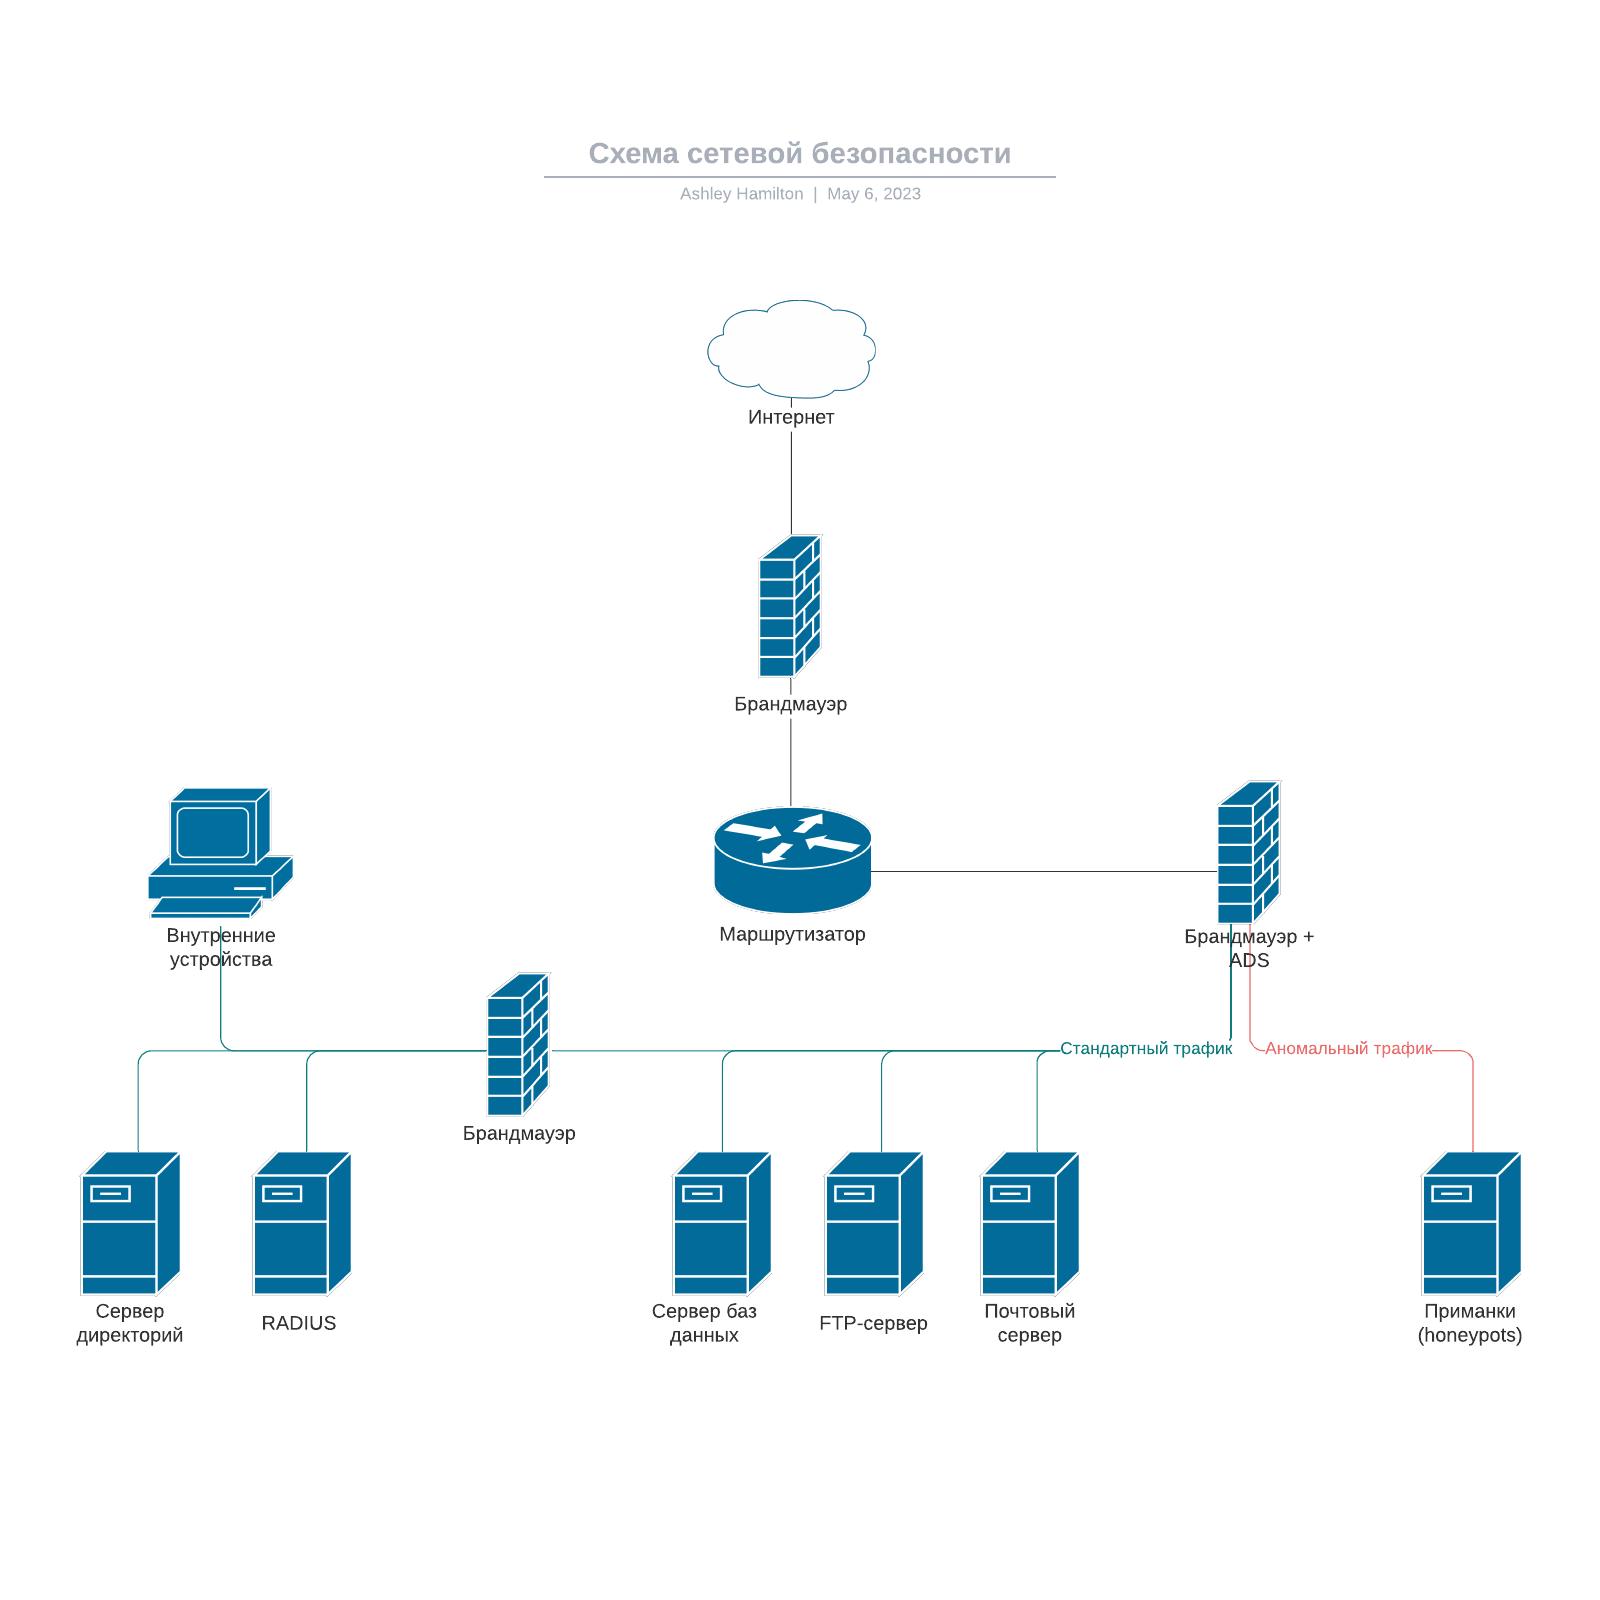 Схема сетевой безопасности